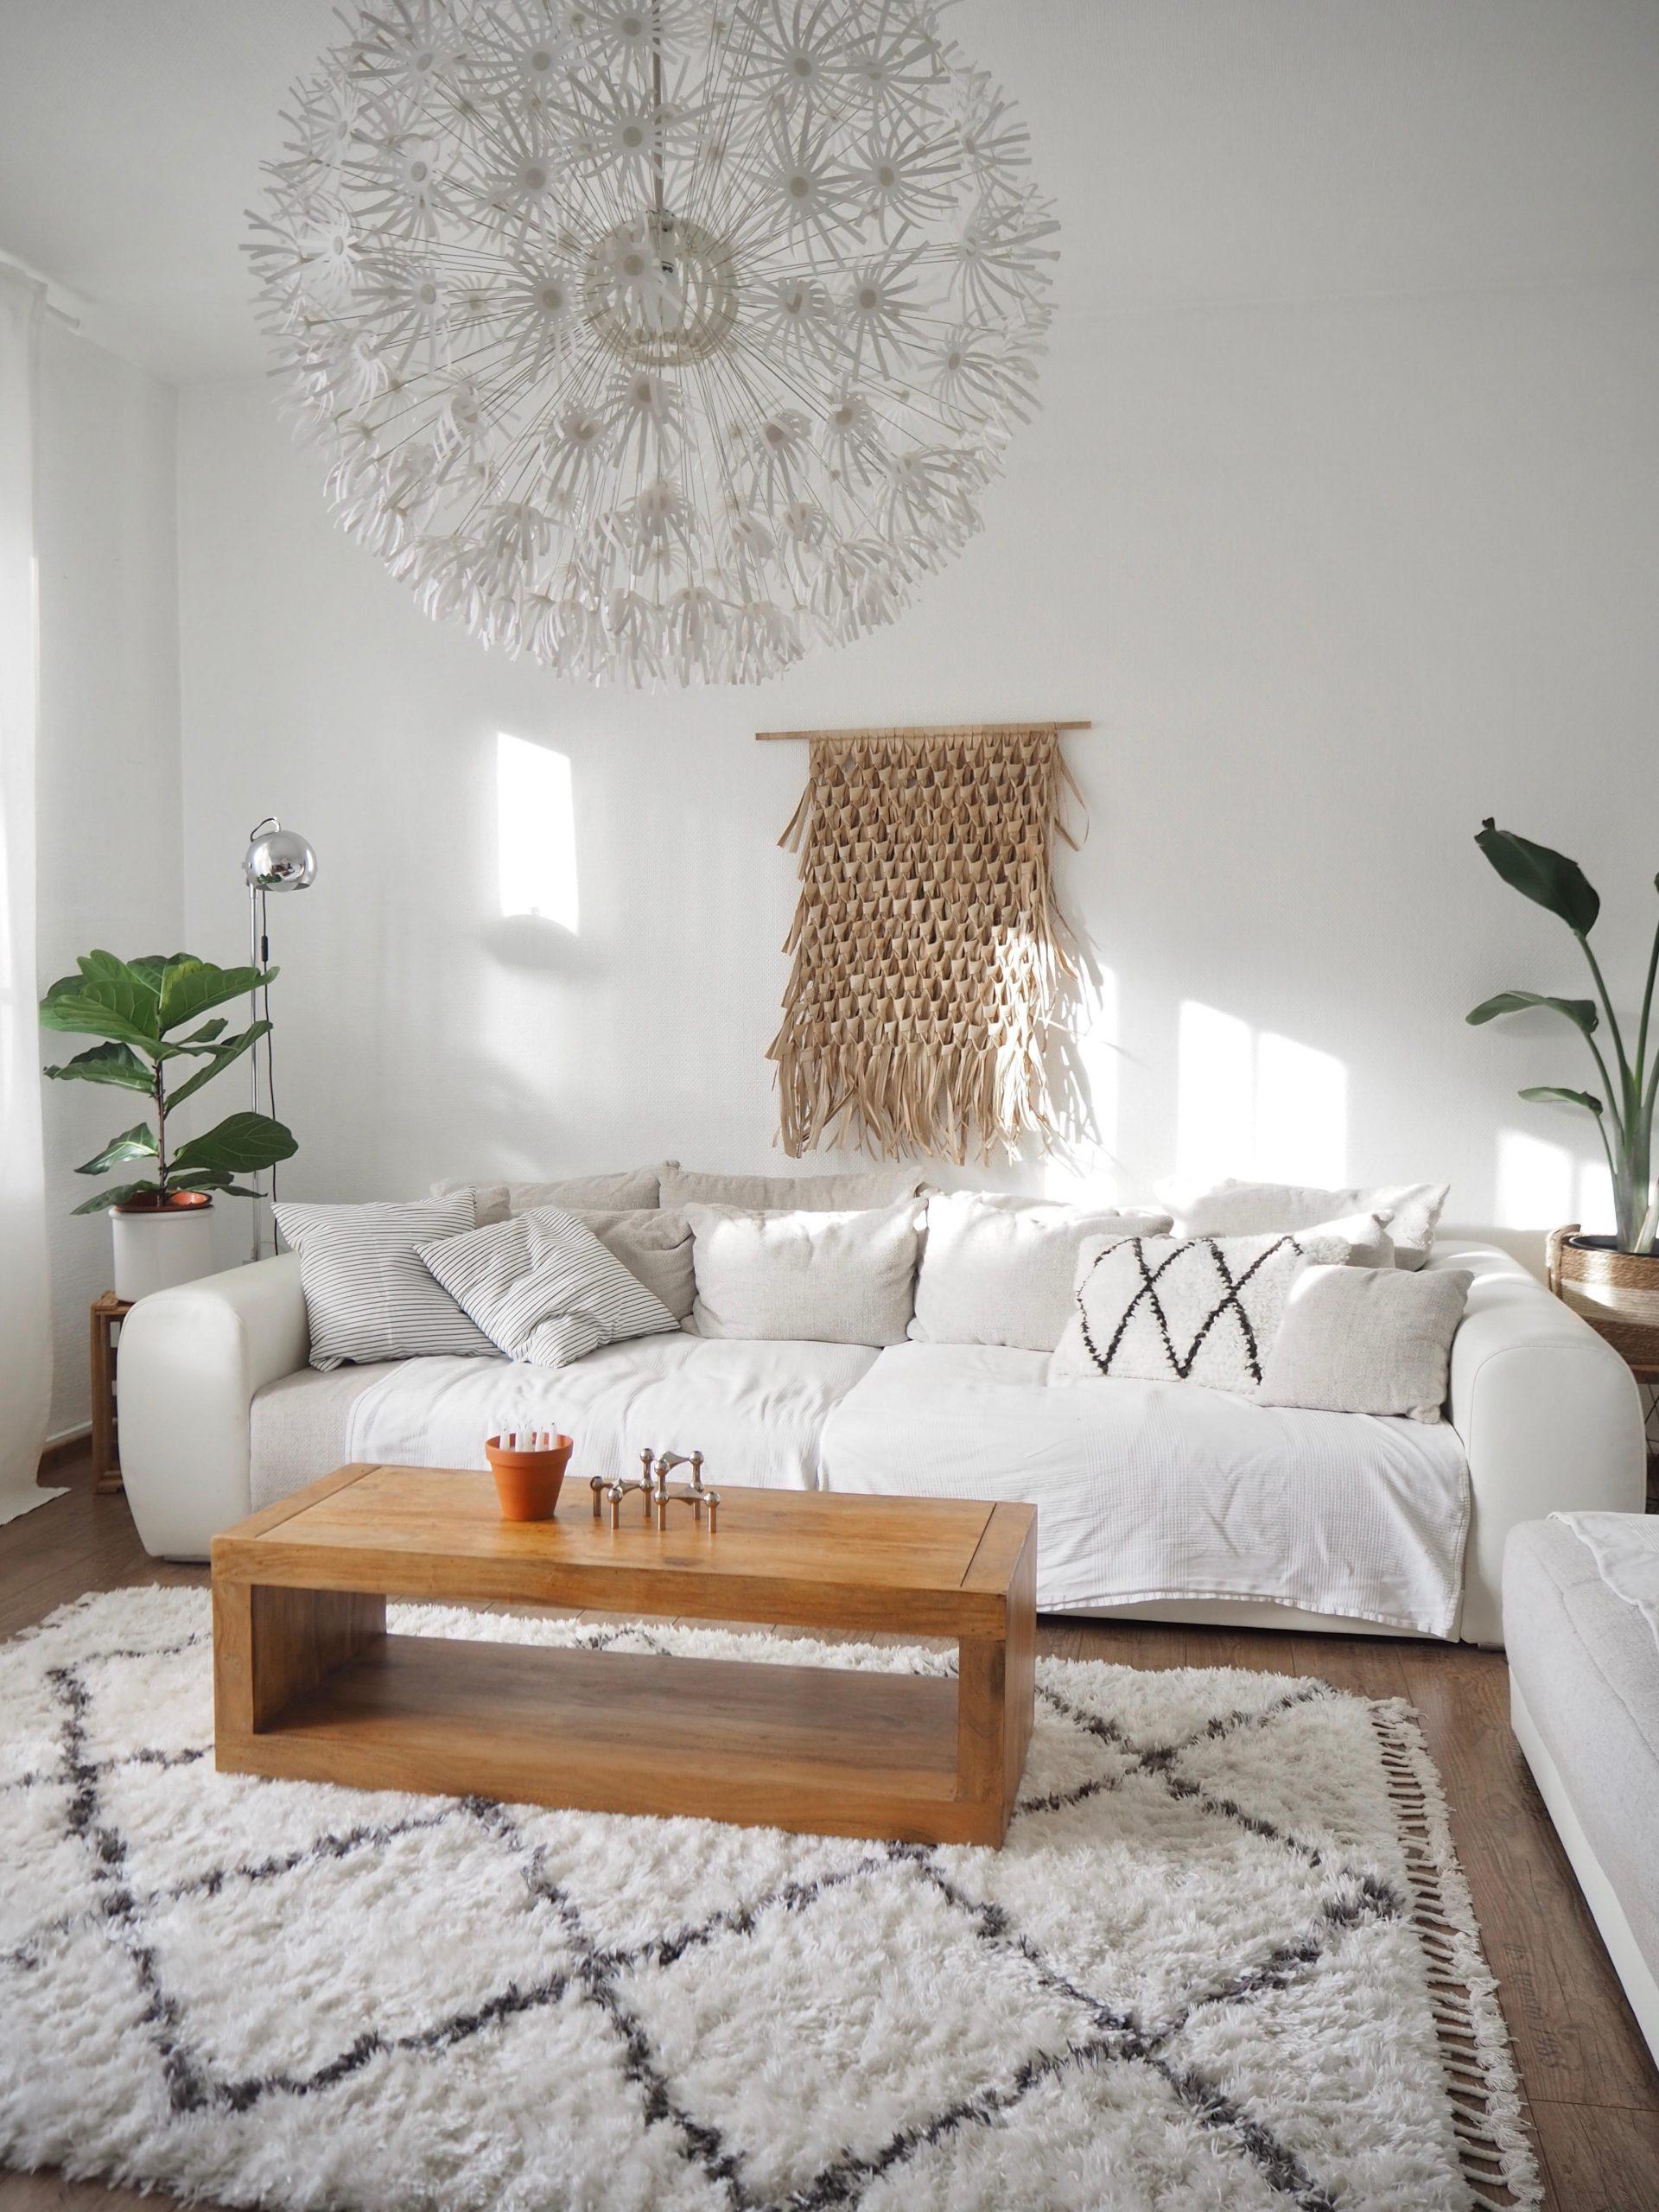 Full Size of Teppich Wohnzimmer Hochflor Tipps Beige Braun Grau Kurzflor Poco Vintage Modern Ikea Inspiration Finde Ideen Bei Couch Bilder Tapete Deko Gardine Stehlampen Wohnzimmer Teppich Wohnzimmer